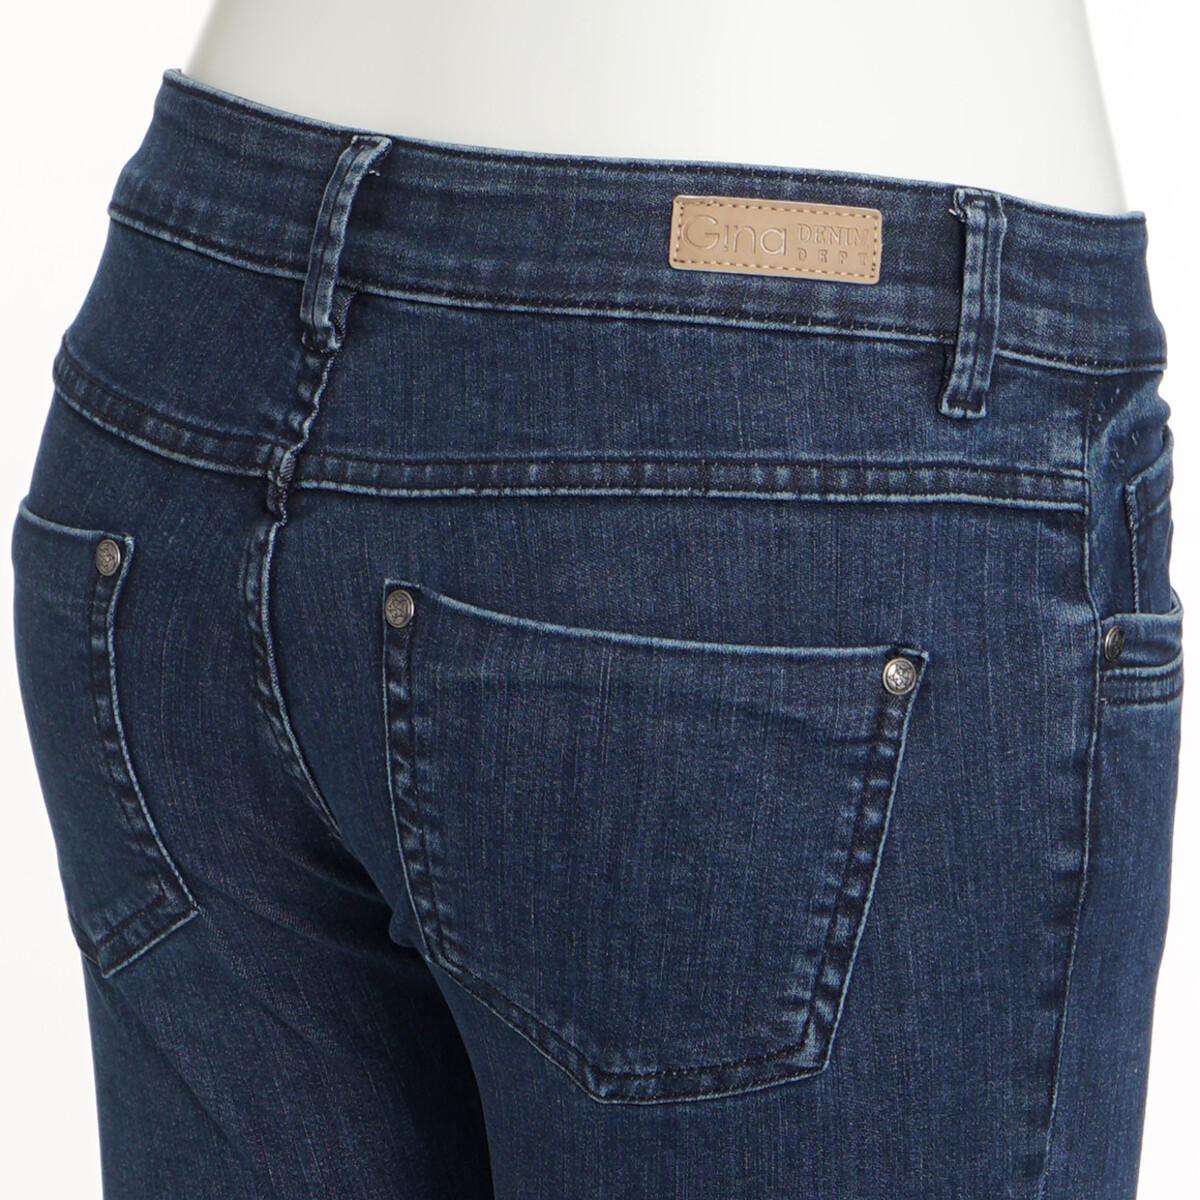 Bild 2 von Damen Superflexible-Jeans mit Used-Waschung